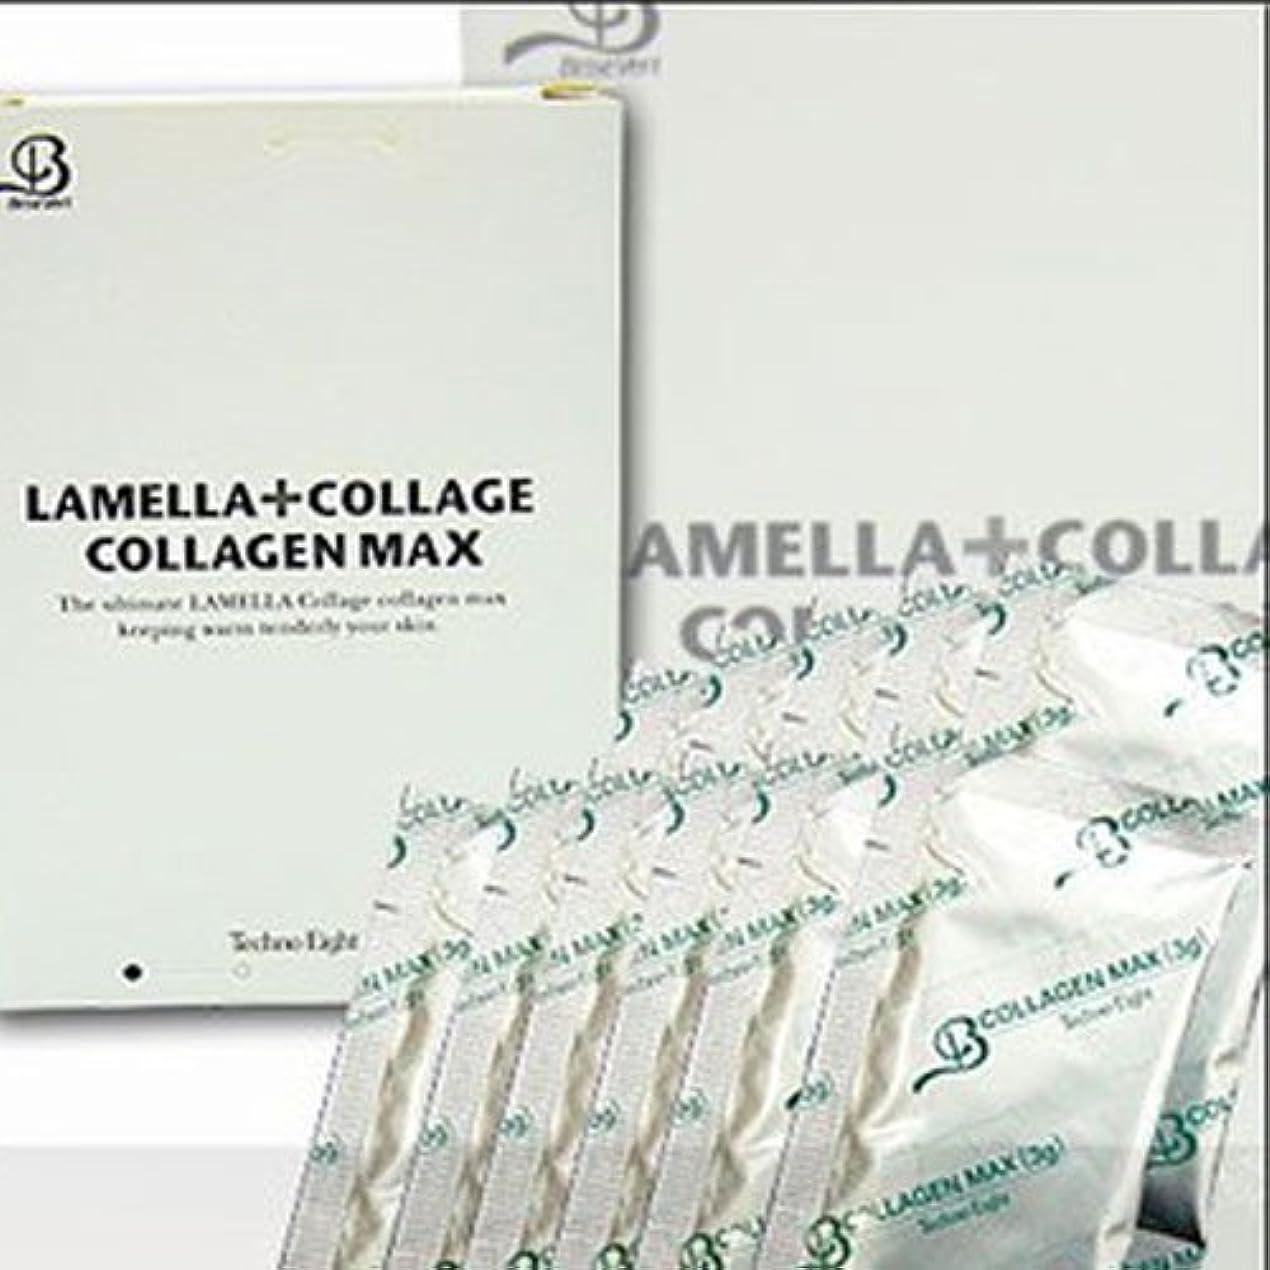 繕う袋すり減るテクノエイト ブリーズベール ラメラ コラージュ Collagen MAX 30g (3gX10包) コラーゲンマックス